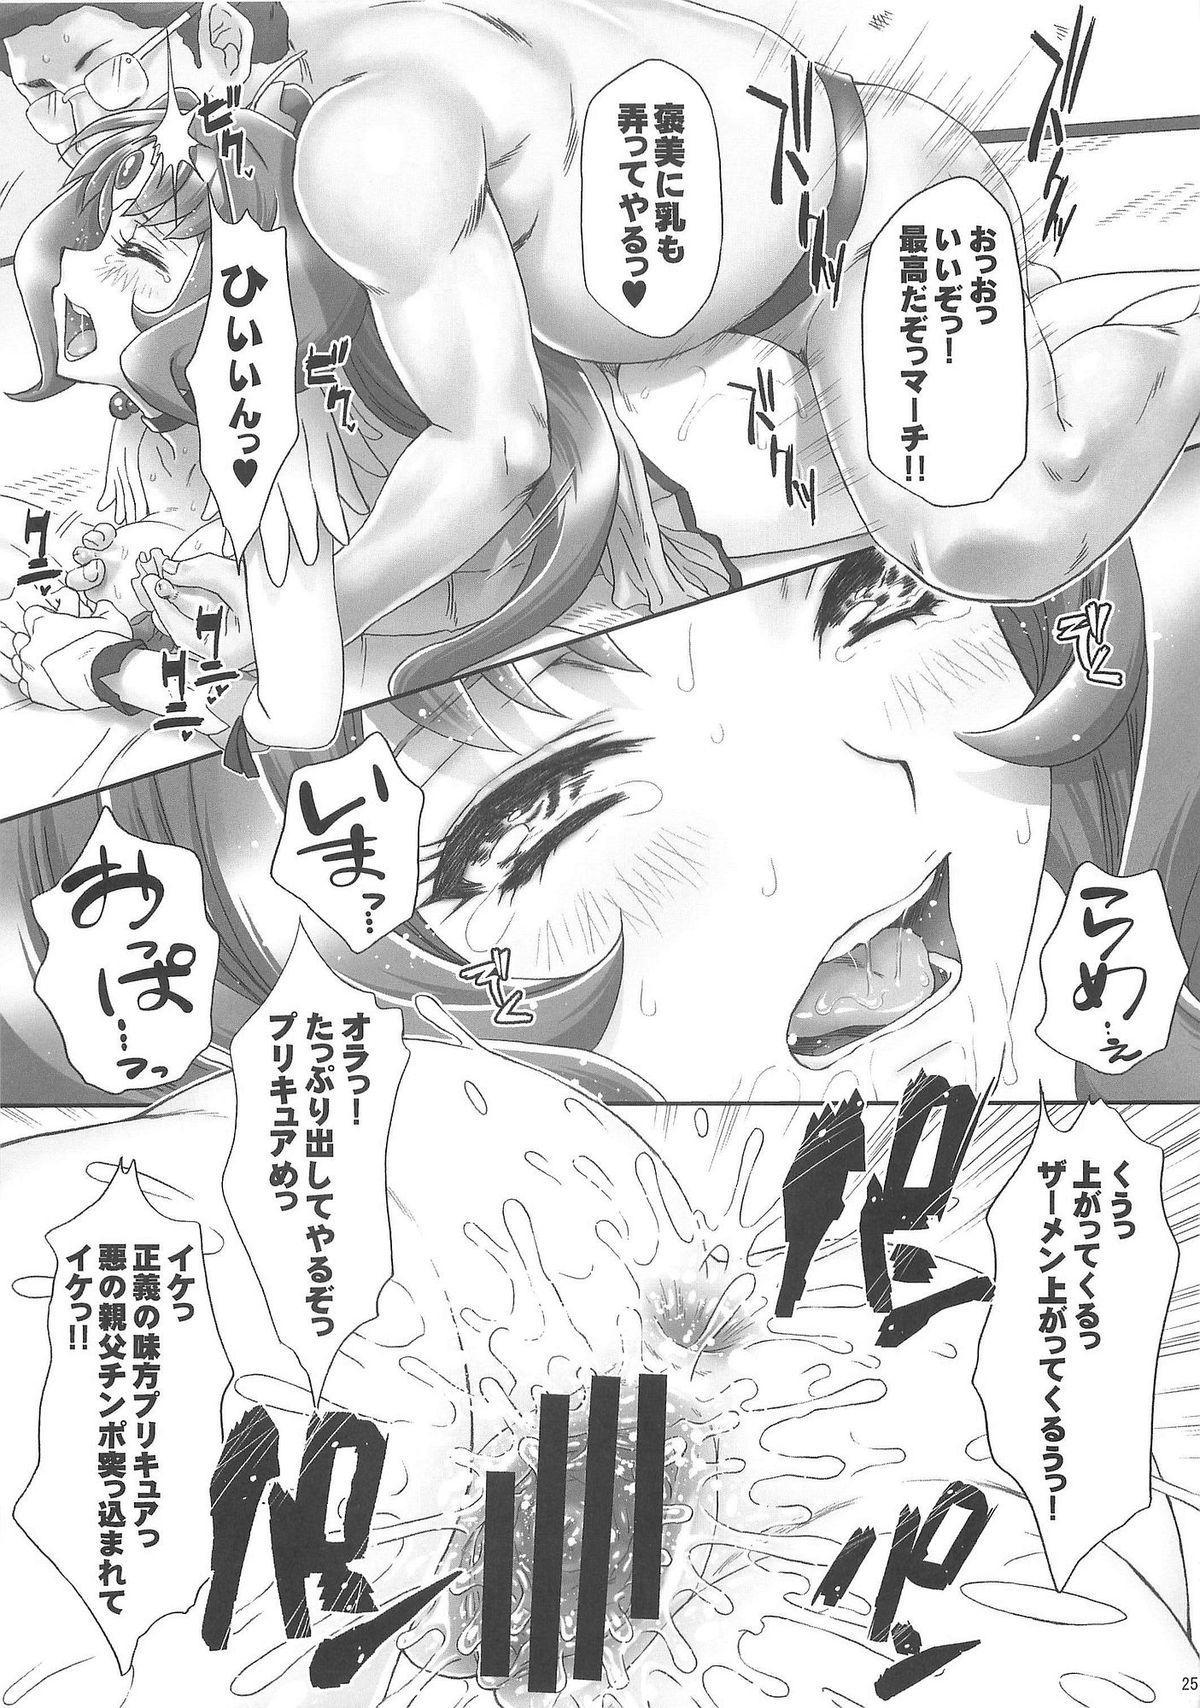 Nao-chan de Asobou 3 24